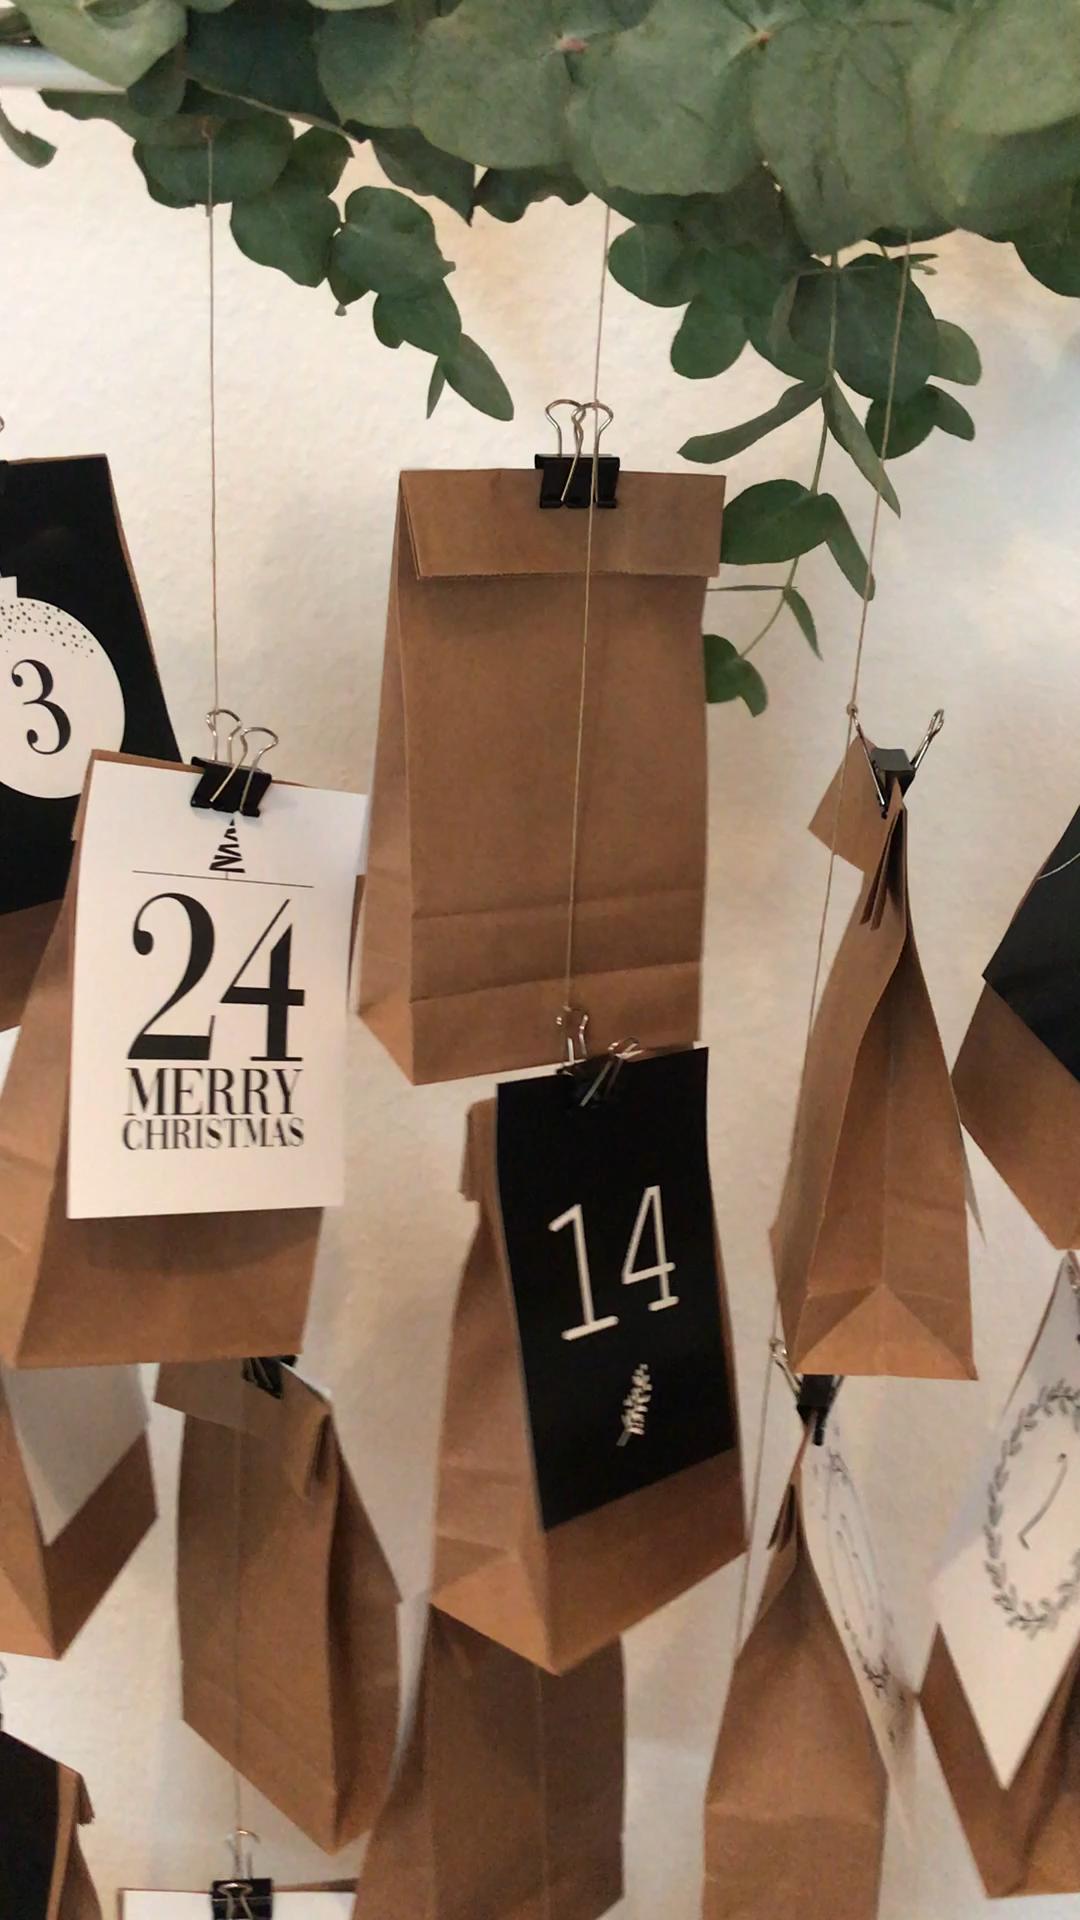 Wunderschöne Adventskalender bestehend aus 24 individuell gestaltete Karten im Format A6 - in Kombination mit Papiertüten und Klammern ein schönes Geschenk!